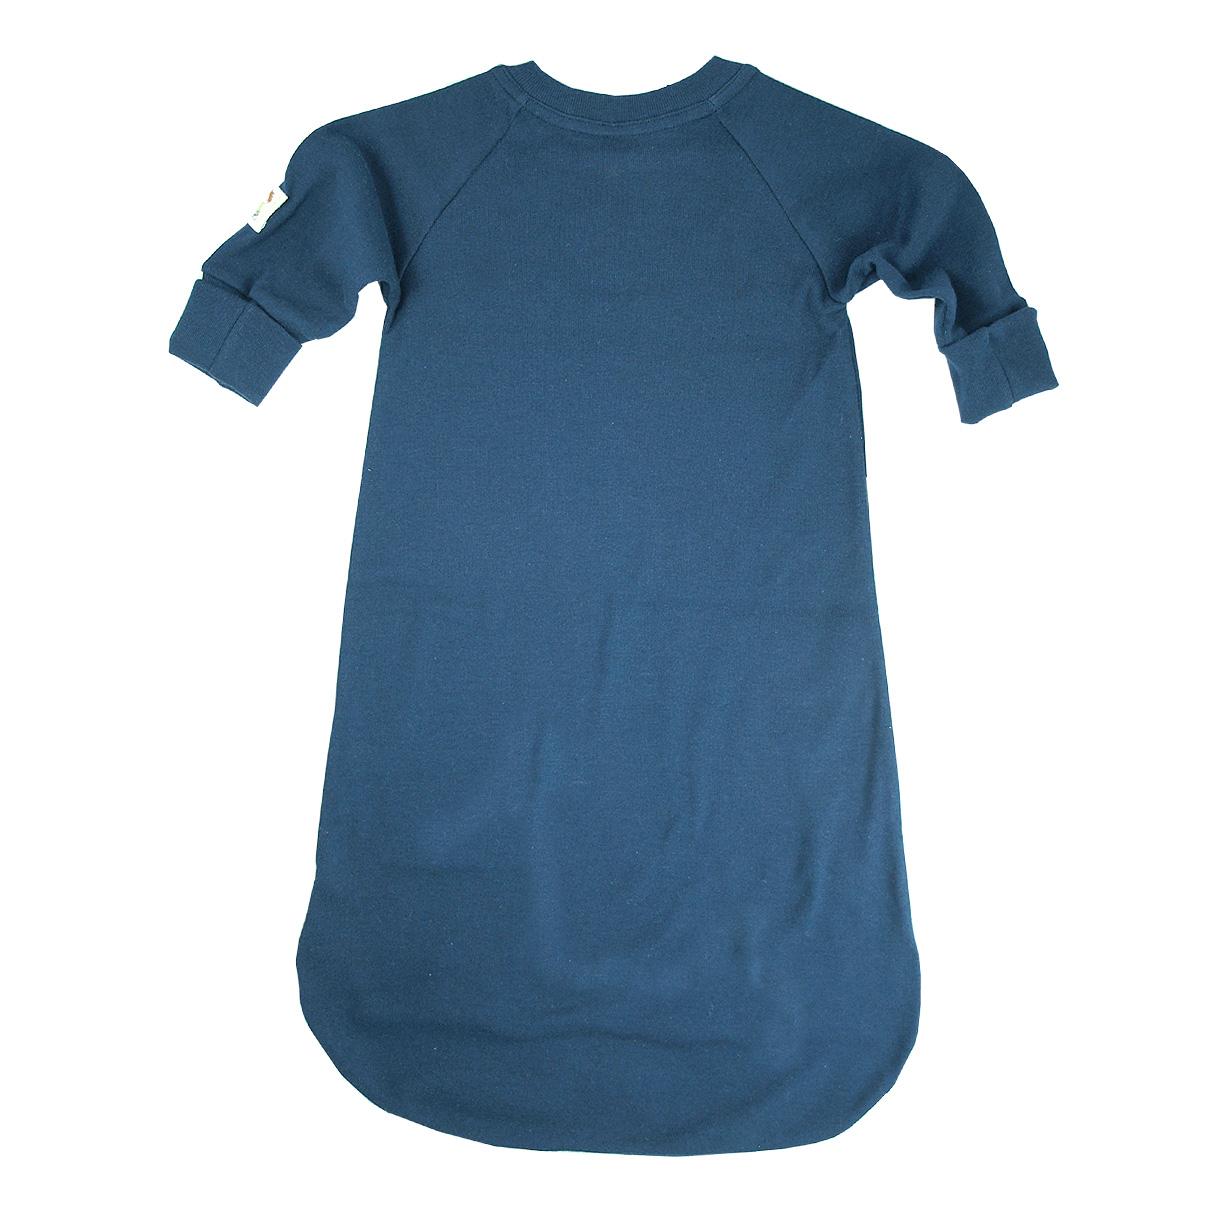 Minimundus sovpåse med knappar nedtill och handgömma ekologisk bomull marinblå